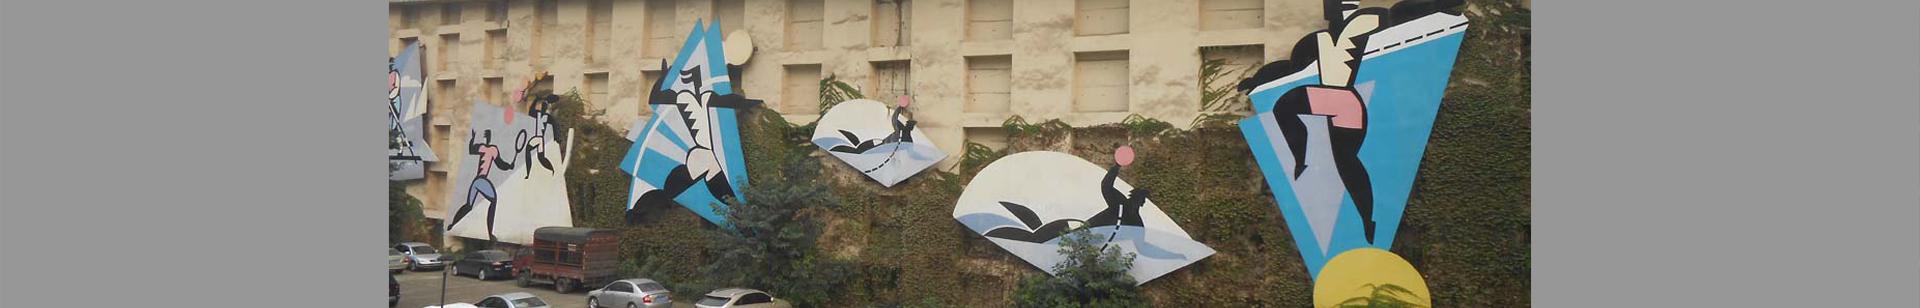 重庆墙绘公司